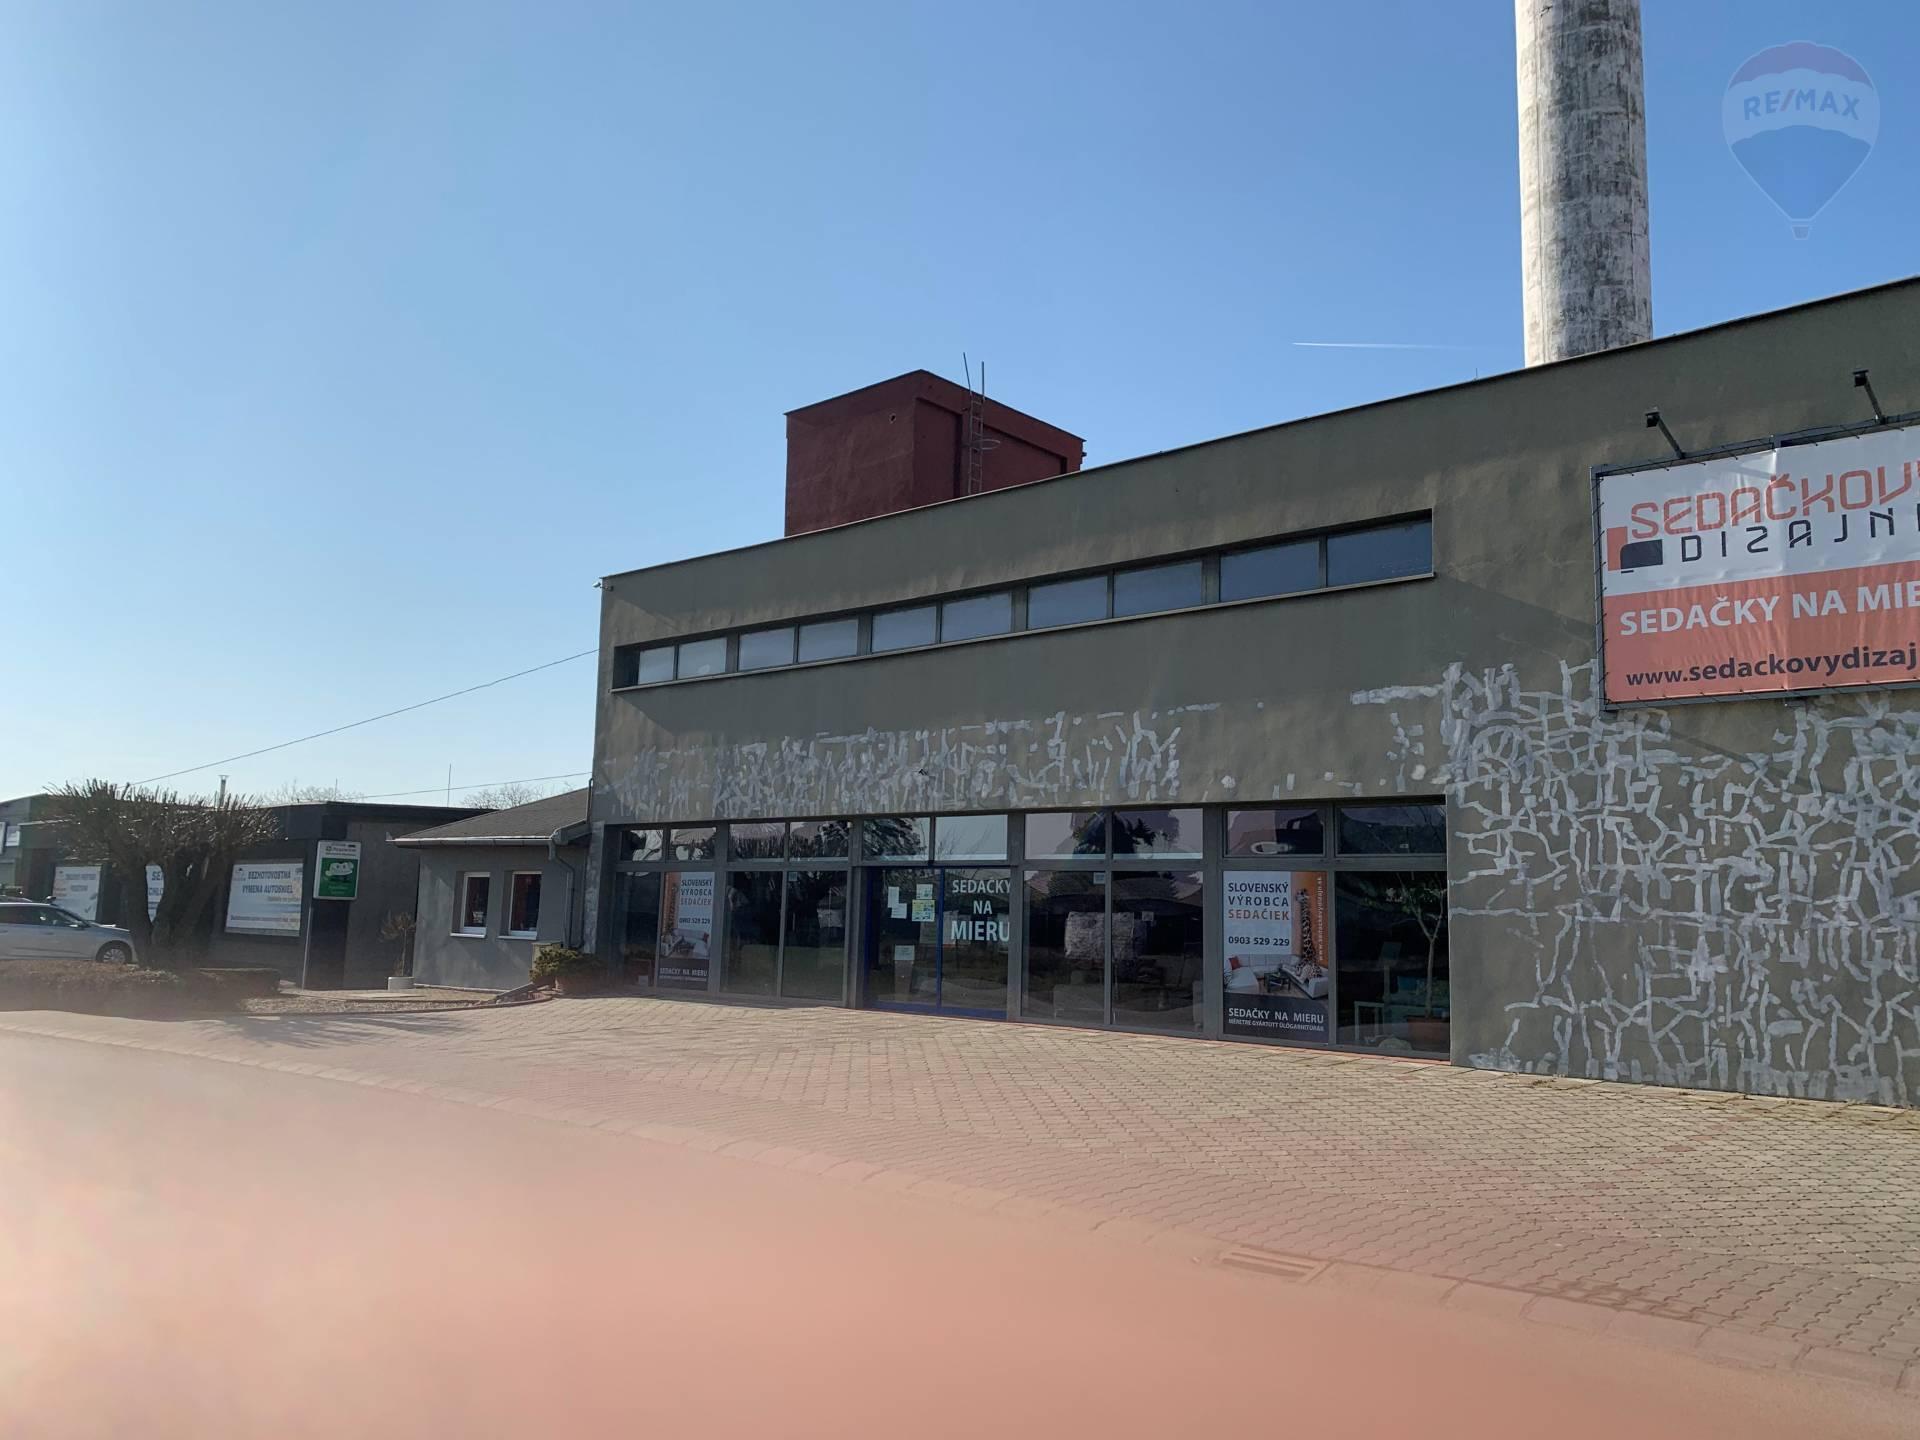 Predaj: Komerčný objekt, Dunajská Streda, pozemok 2674 m2